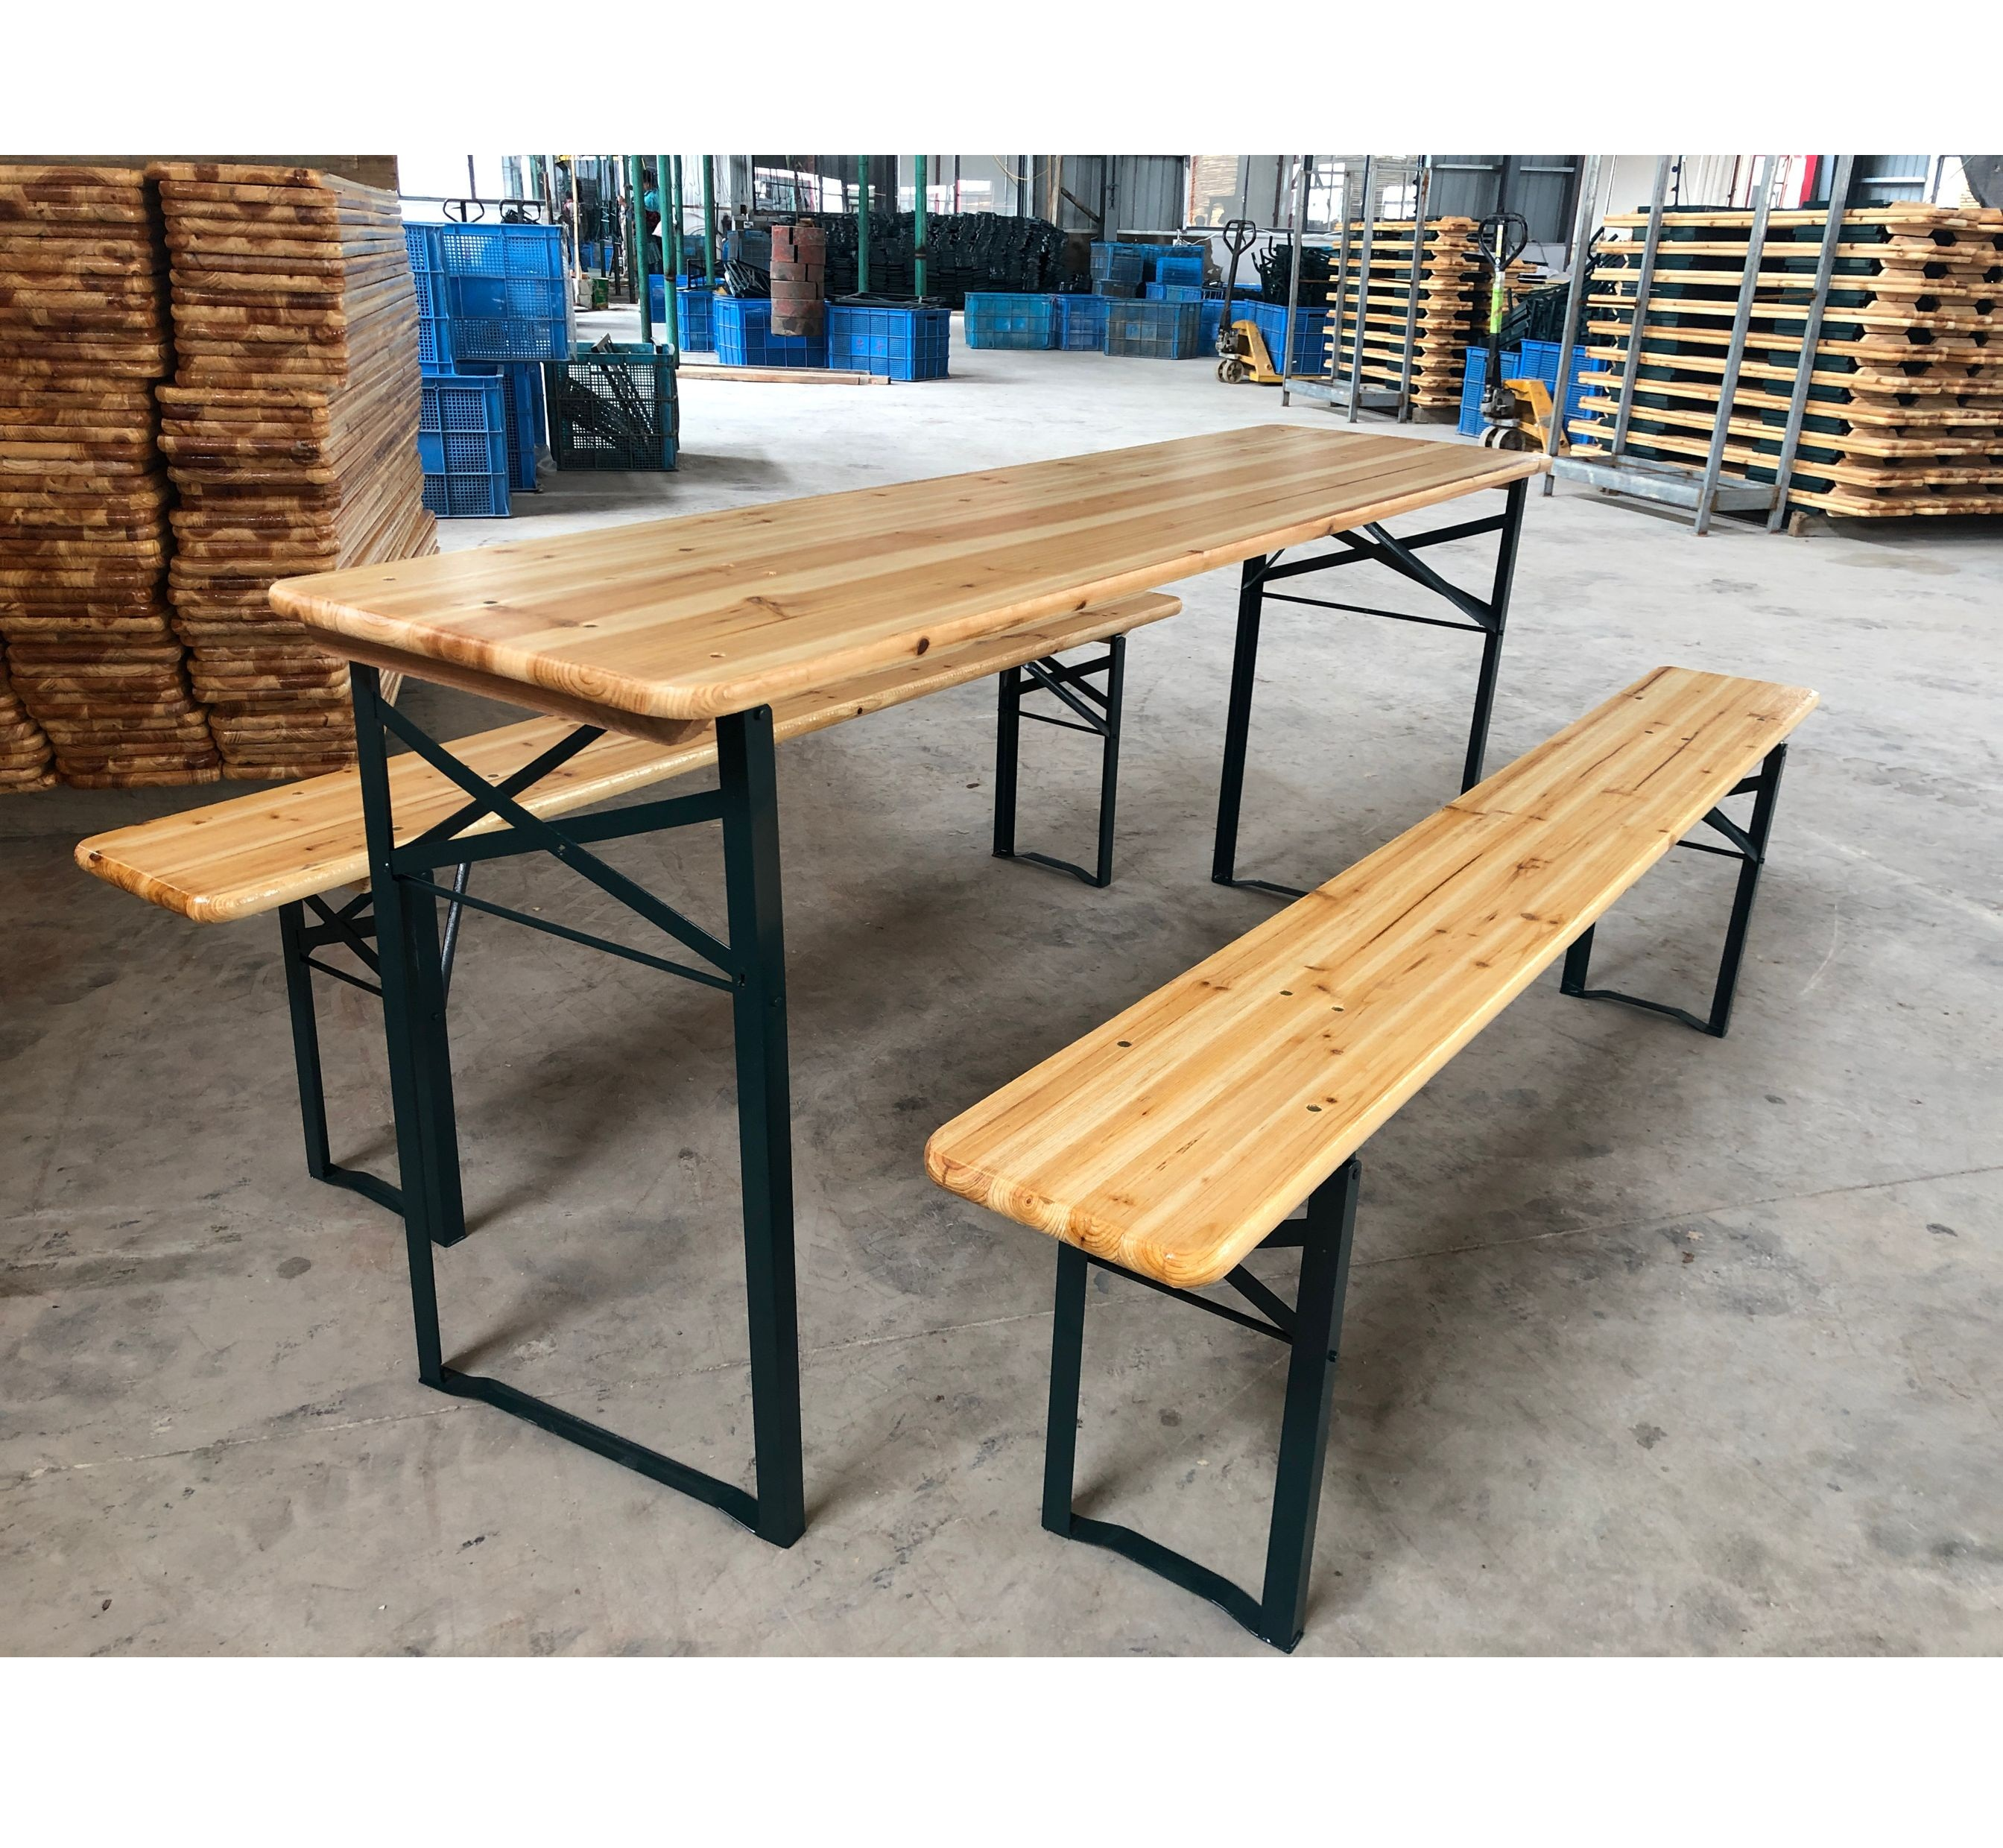 Уличная садовая мебель для кемпинга, деревянный складной пивной стол для пикника и скамейка